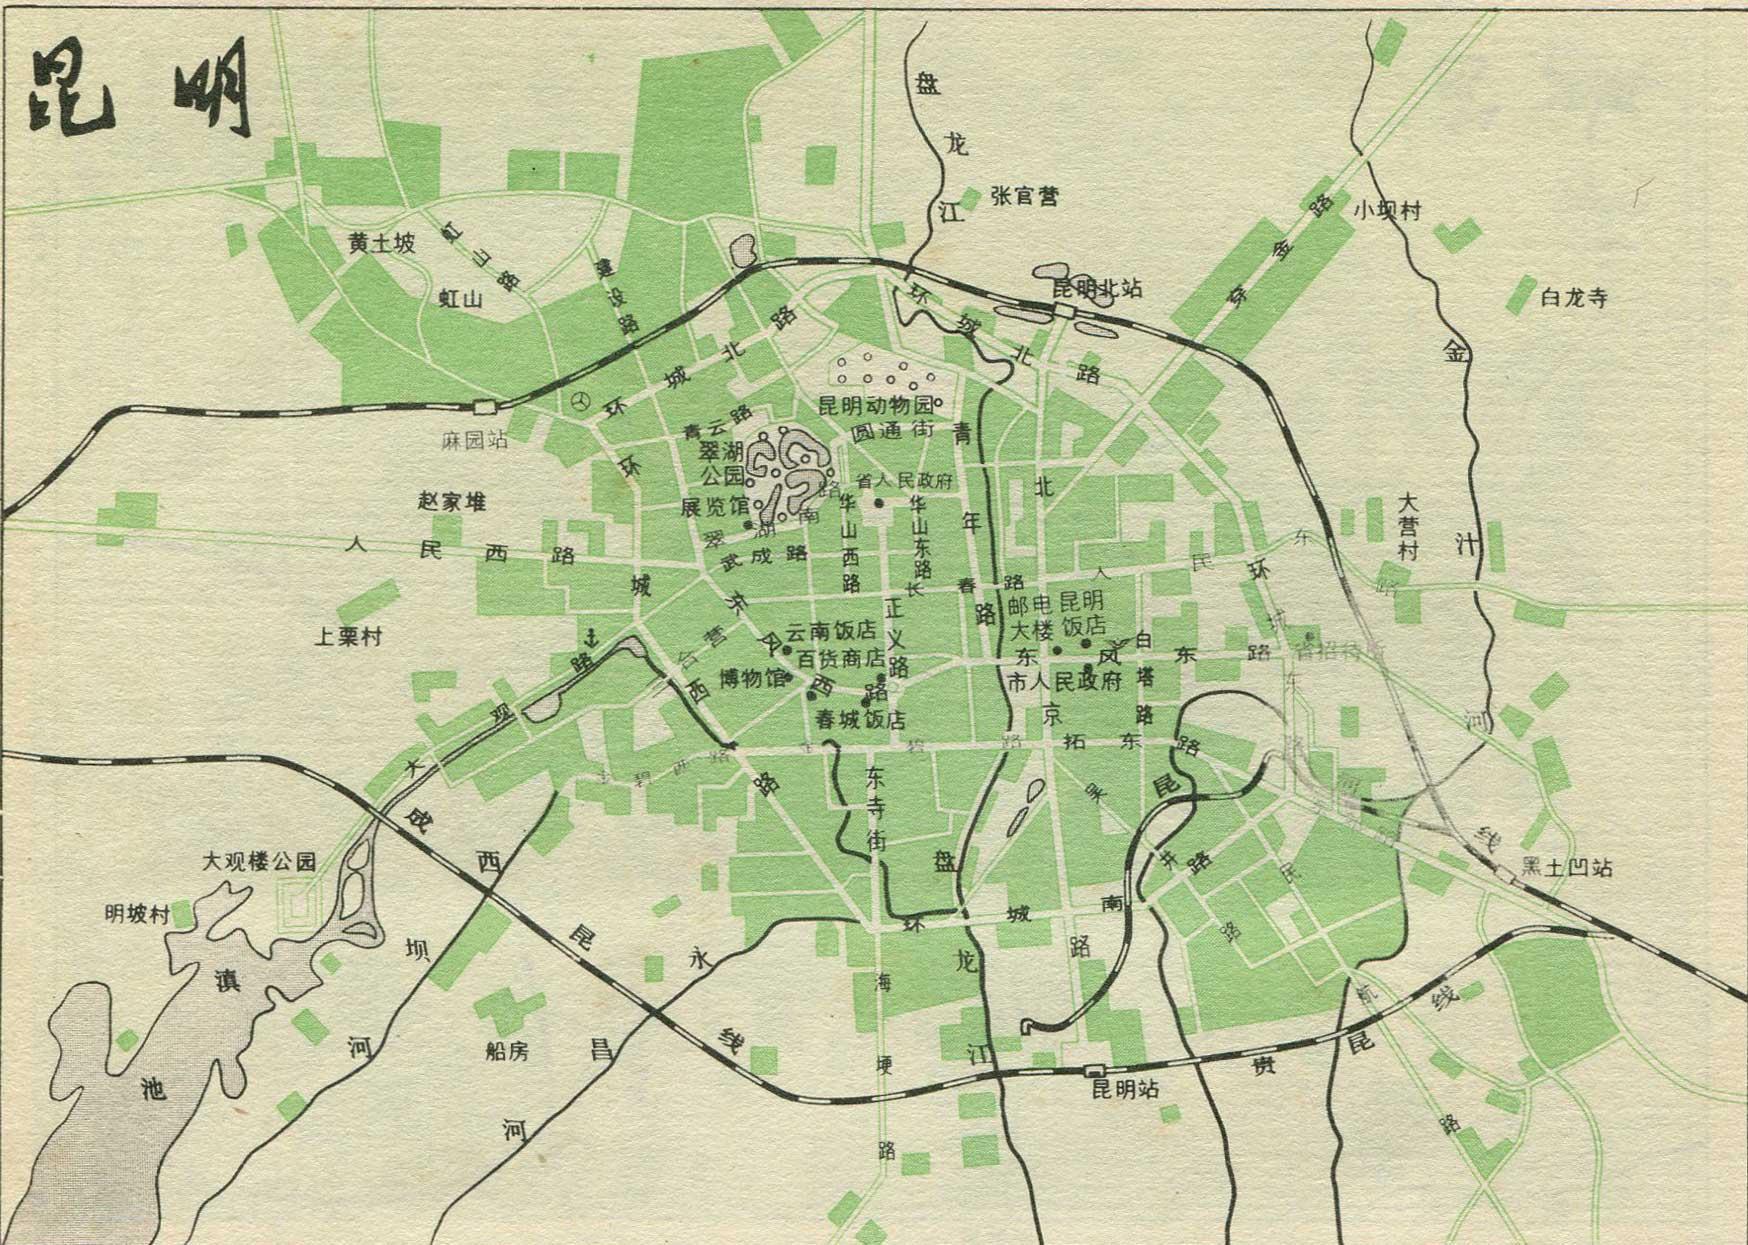 昆明市铁路线路图_铁路线路图地图查询